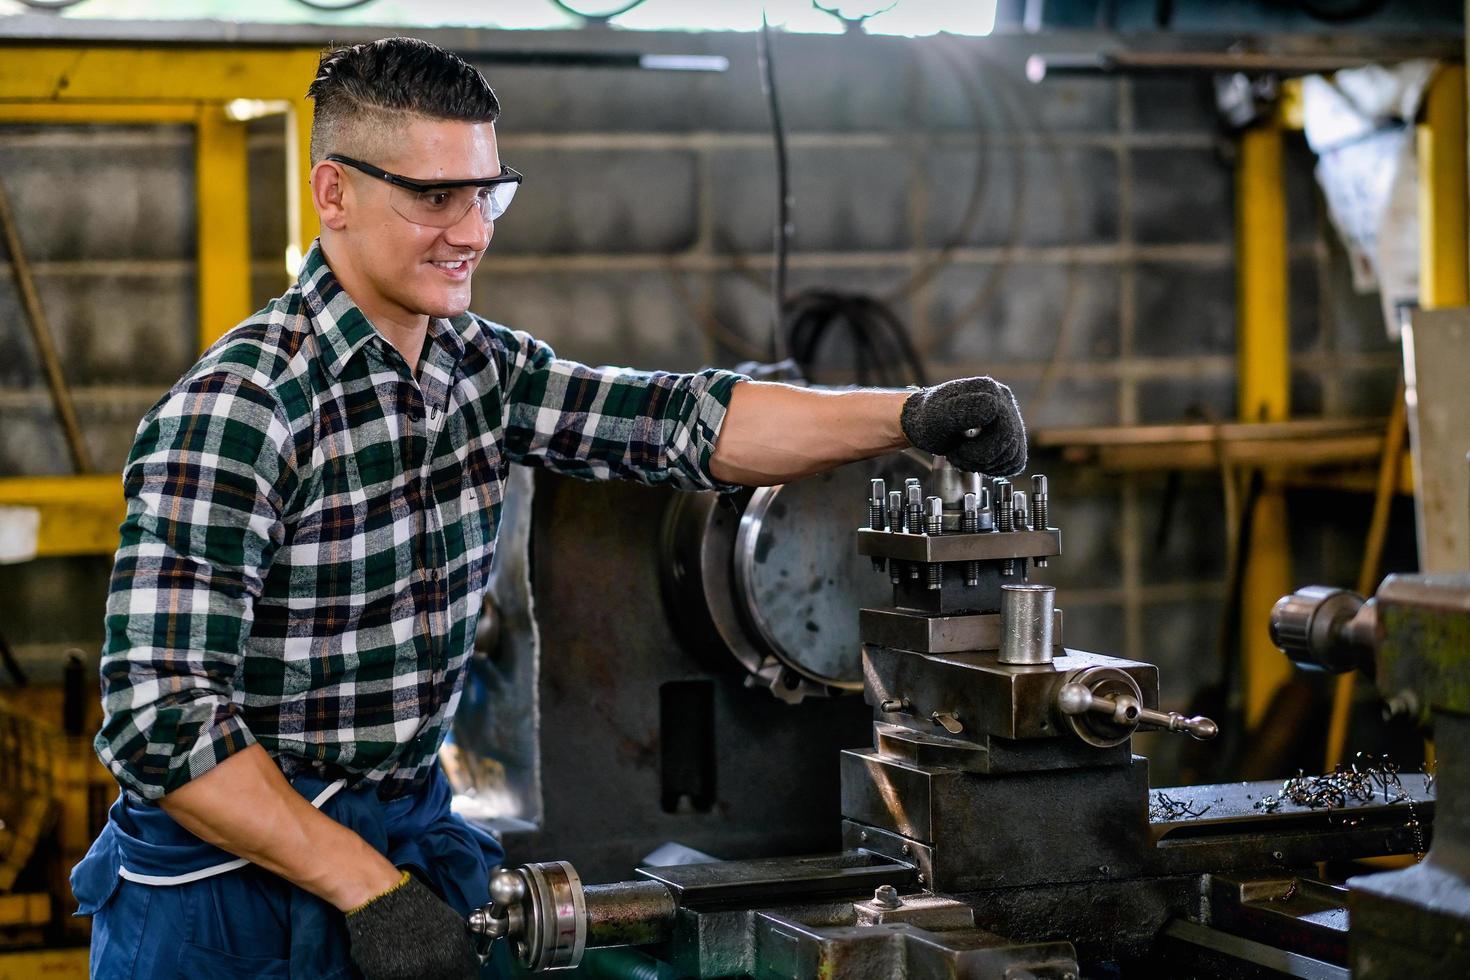 een ingenieur die een veiligheidsbril draagt, werkt aan een machine foto